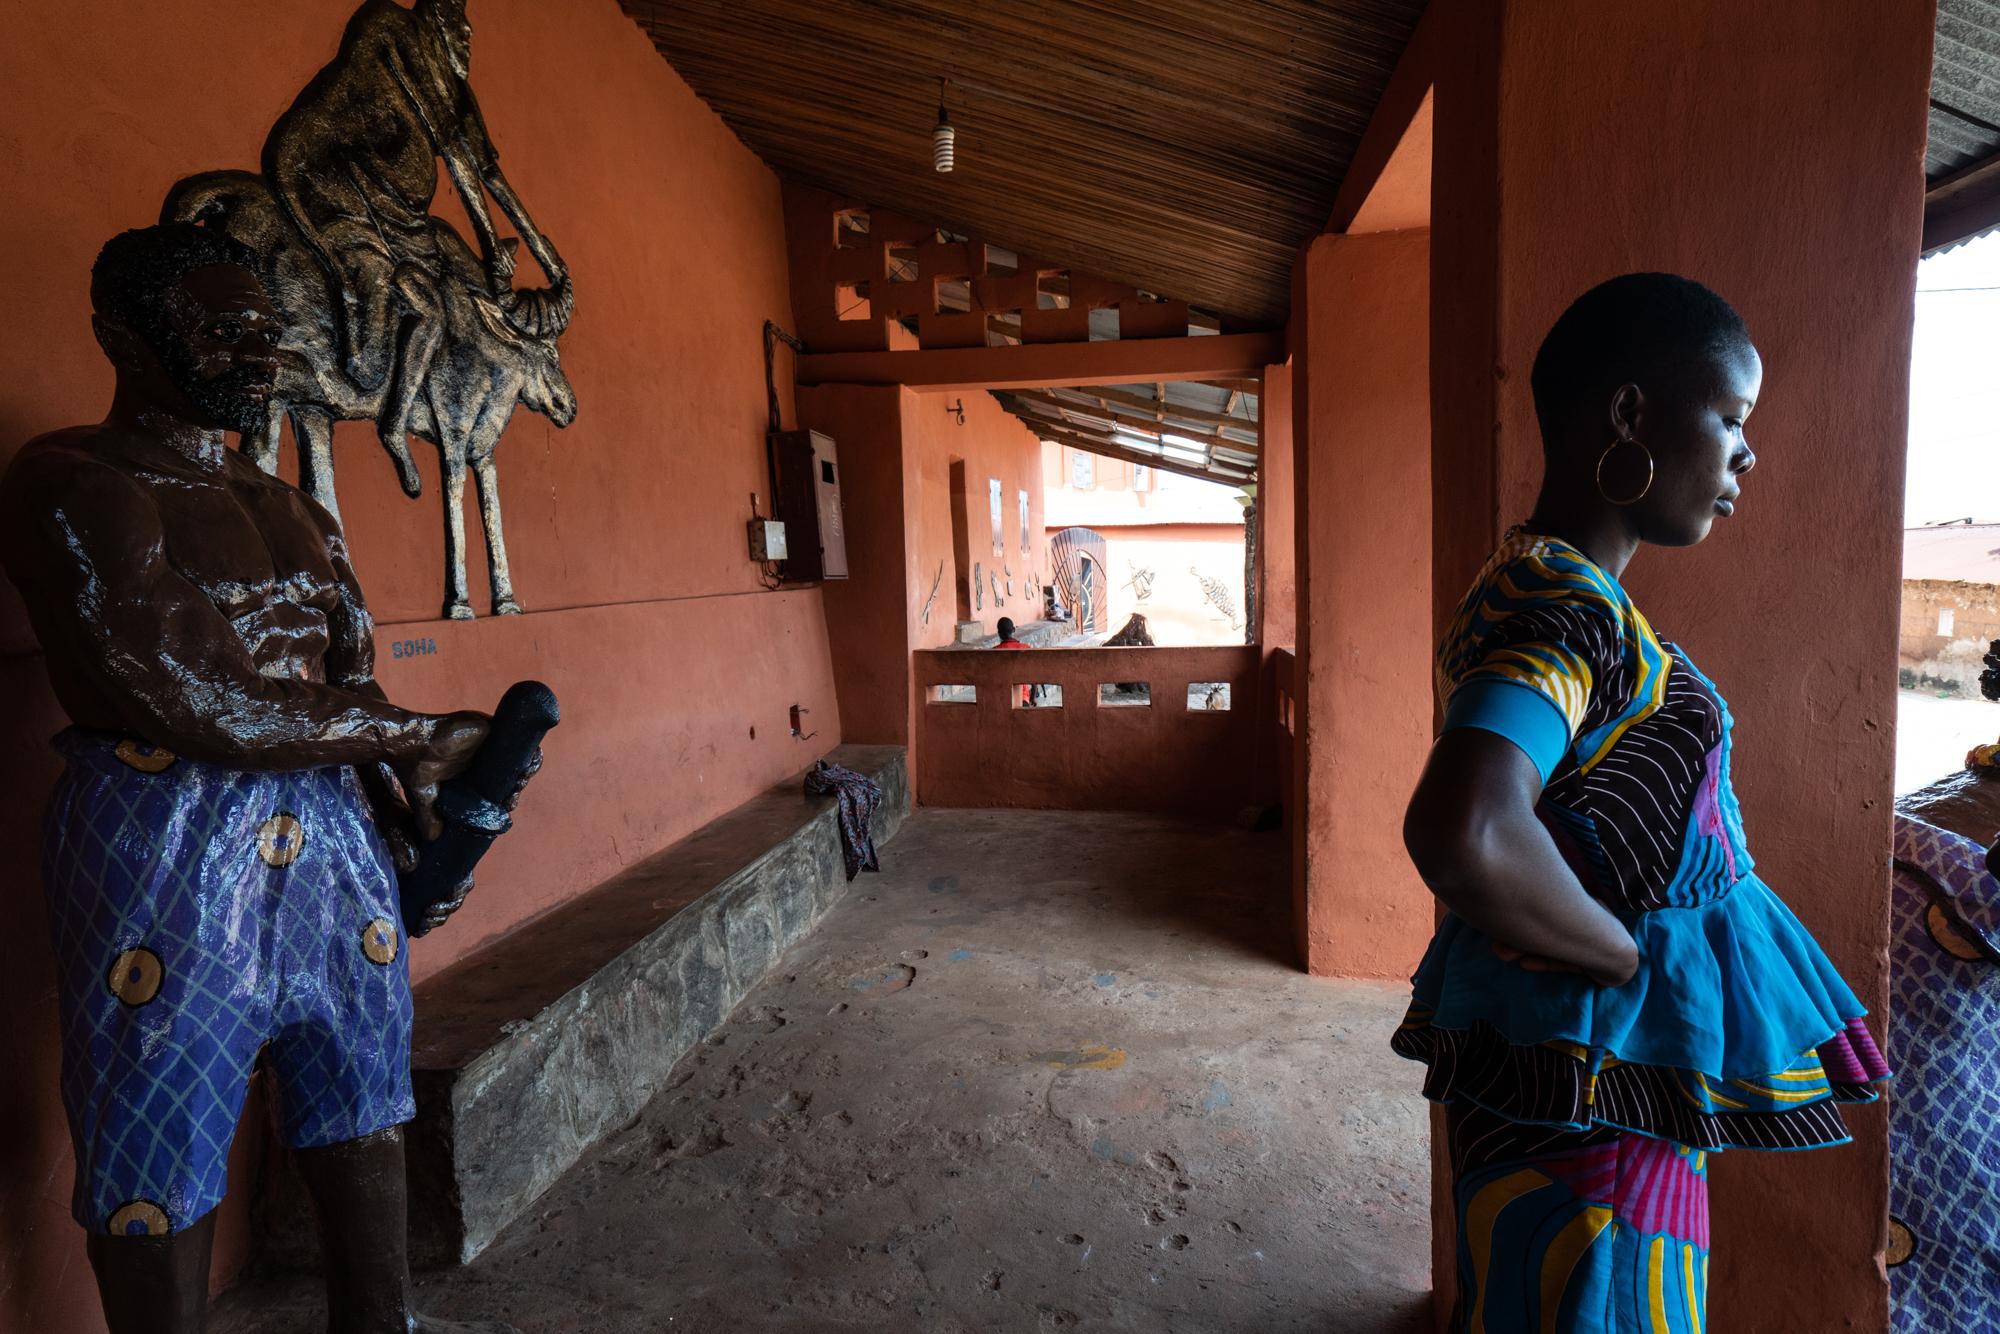 Benin_2000 sin título2018-00831 7952 x 5304.jpg